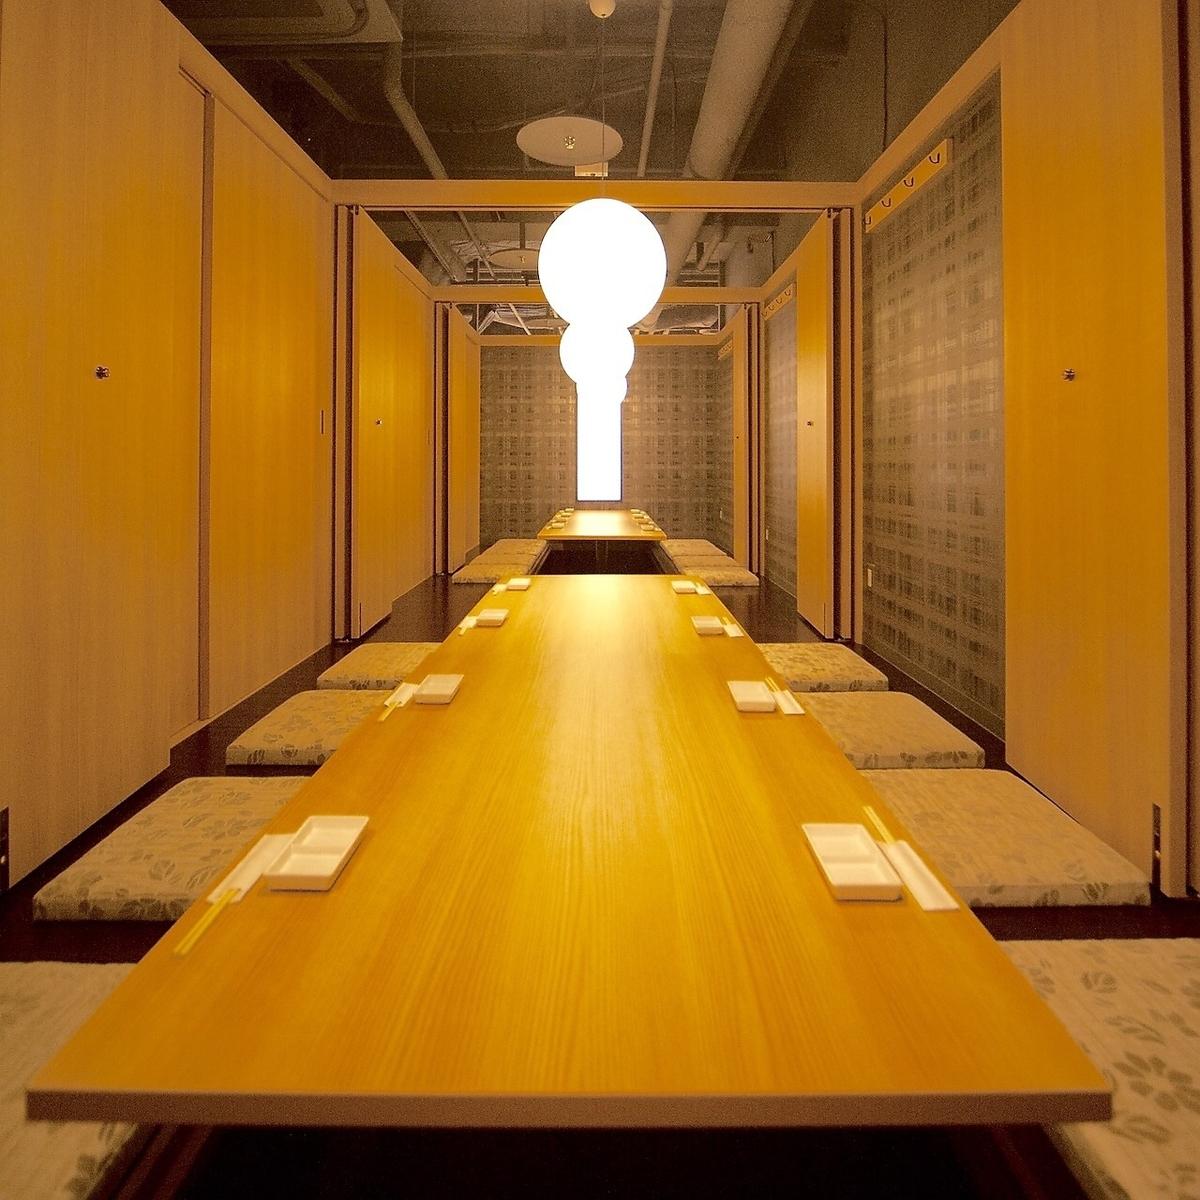 「宙」(大通公園を一望できるビルの8階)で北海道の食の「惠」みを楽しめる海鮮居酒屋